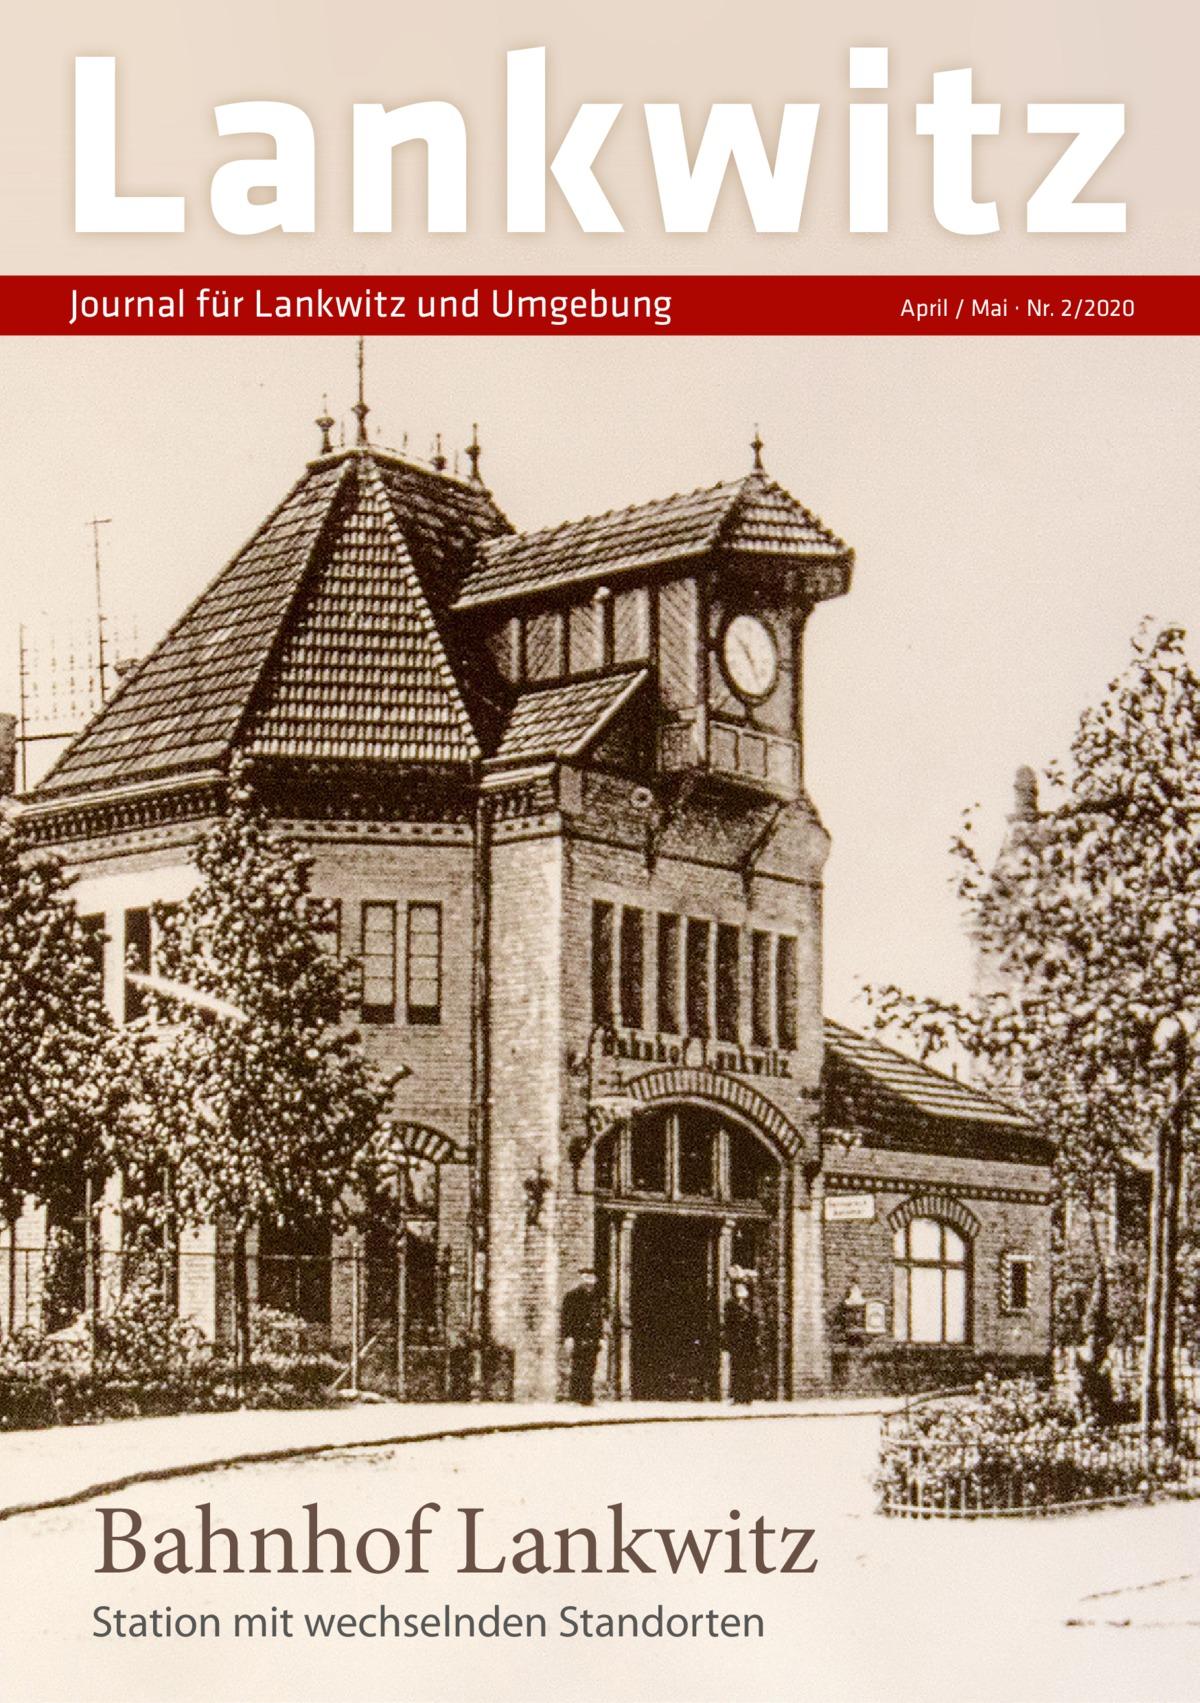 Lankwitz Journal für Lankwitz und Umgebung  Bahnhof Lankwitz Station mit wechselnden Standorten  April / Mai · Nr. 2/2020